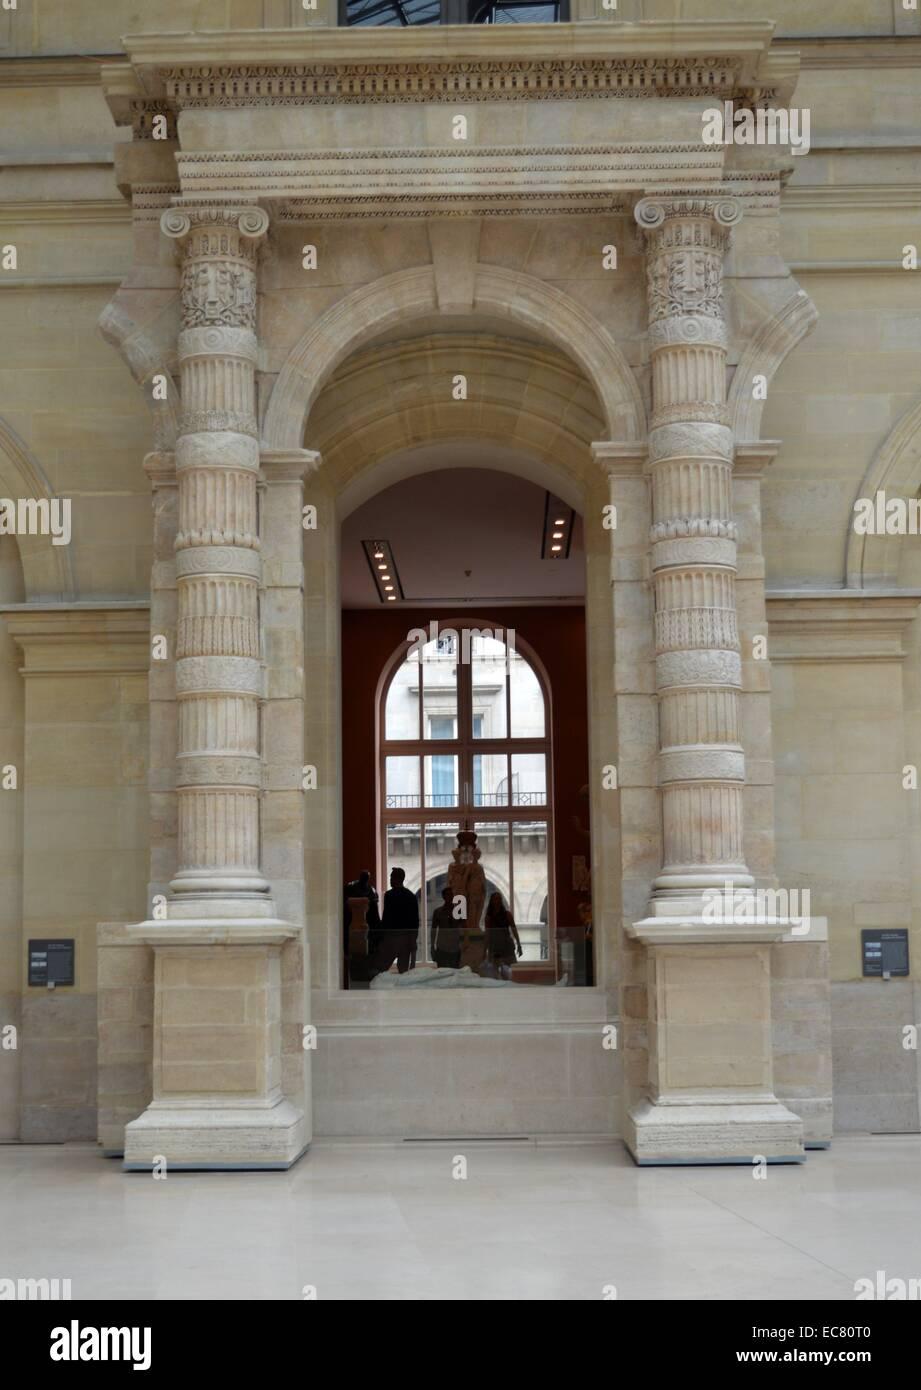 Arcade-Ionique du Palais des Tuileries Stockbild